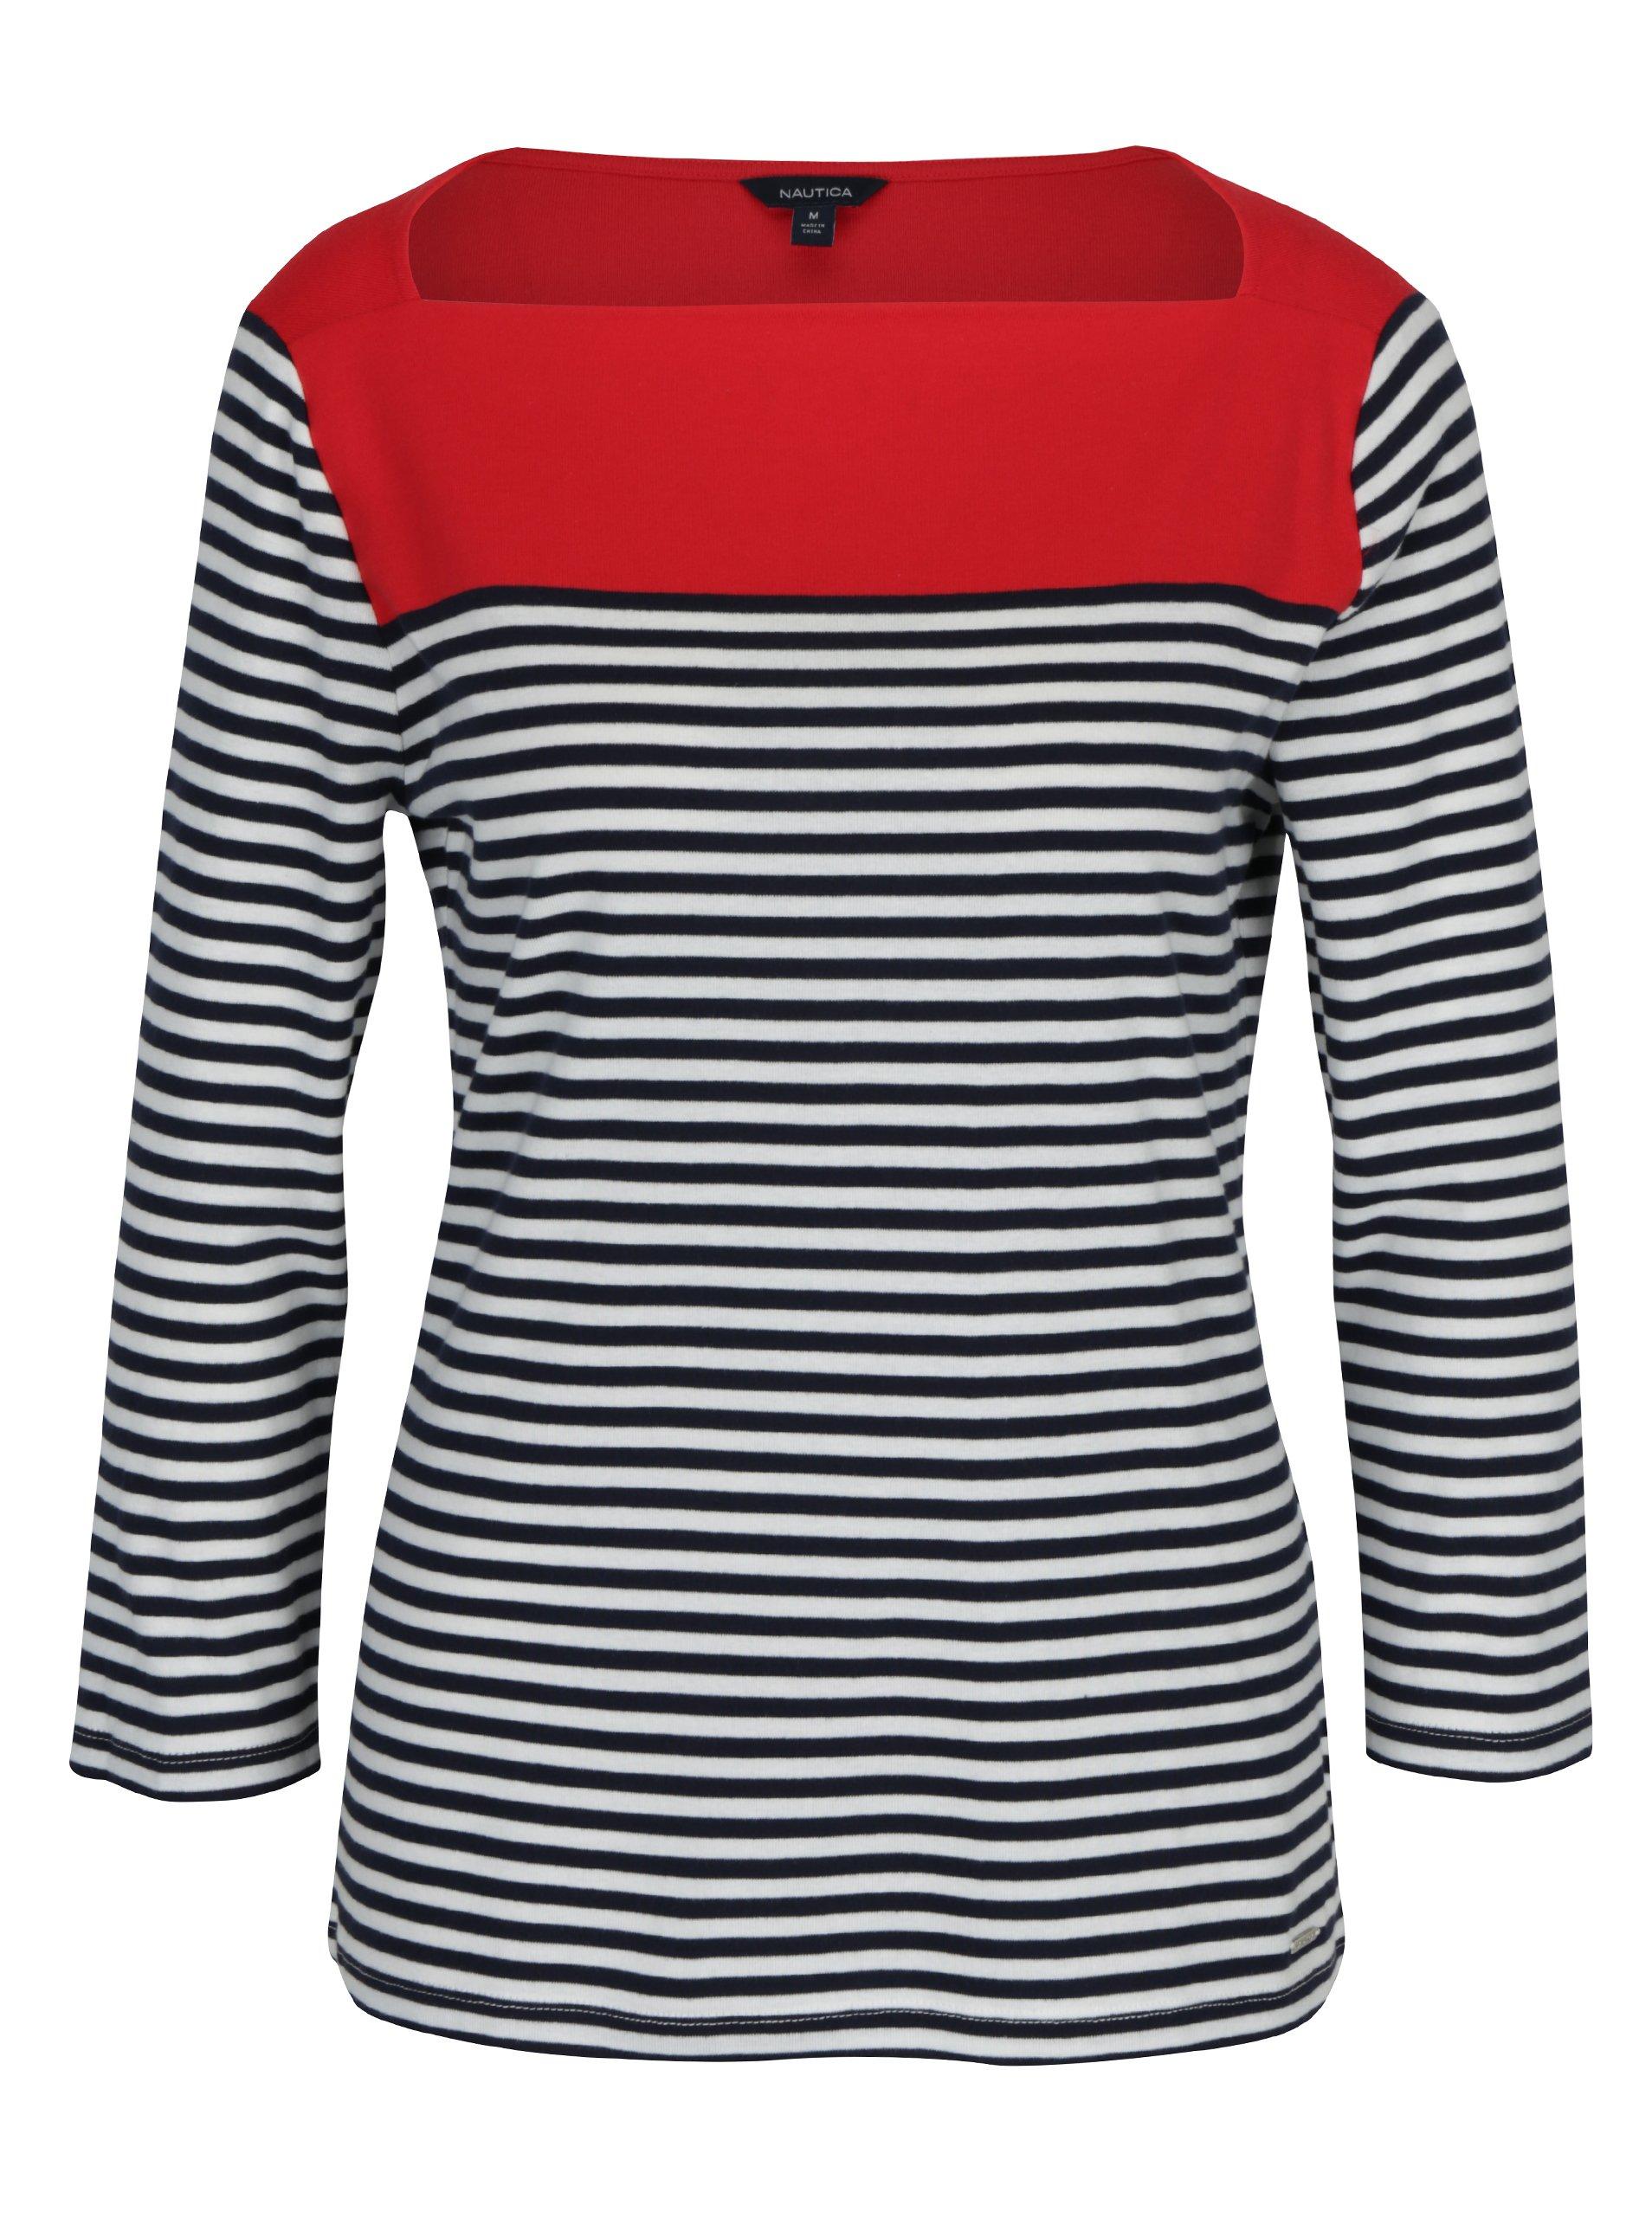 Modro-červené pruhované tričko s lodičkovým výstřihem Nautica